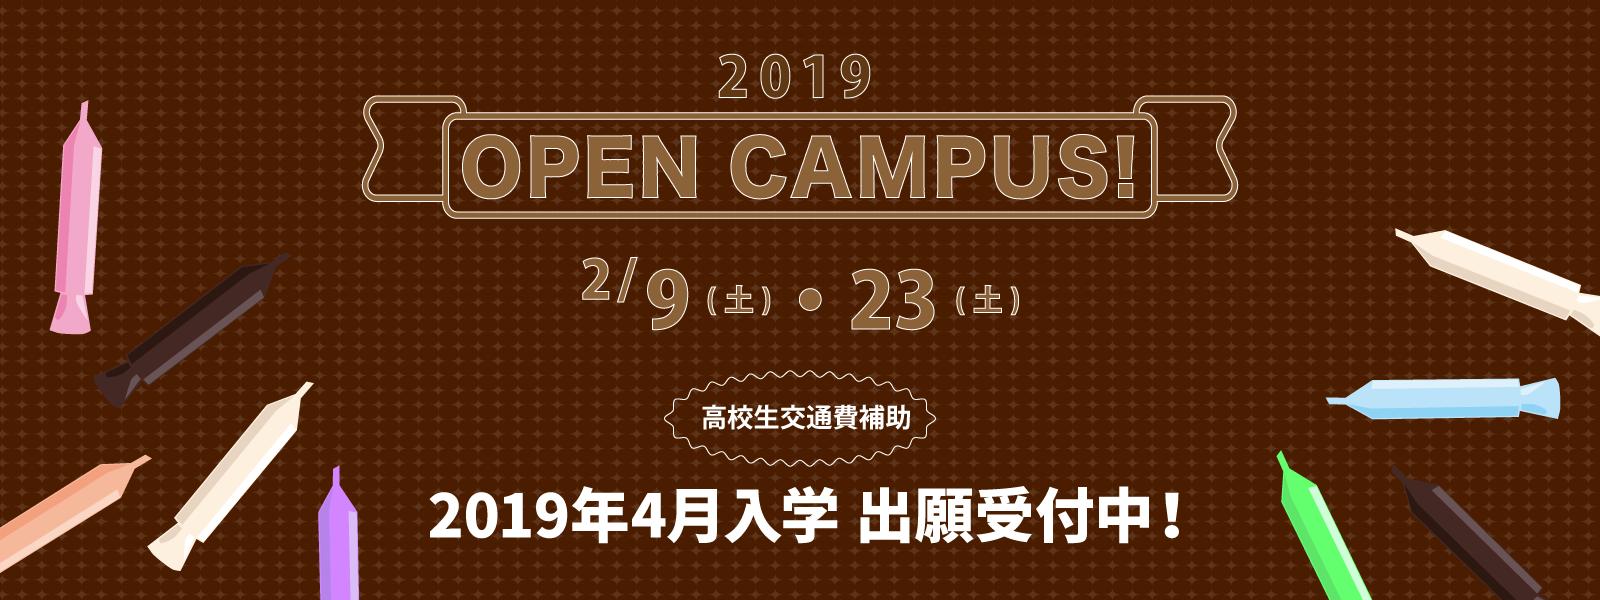 2019オープンキャンパス